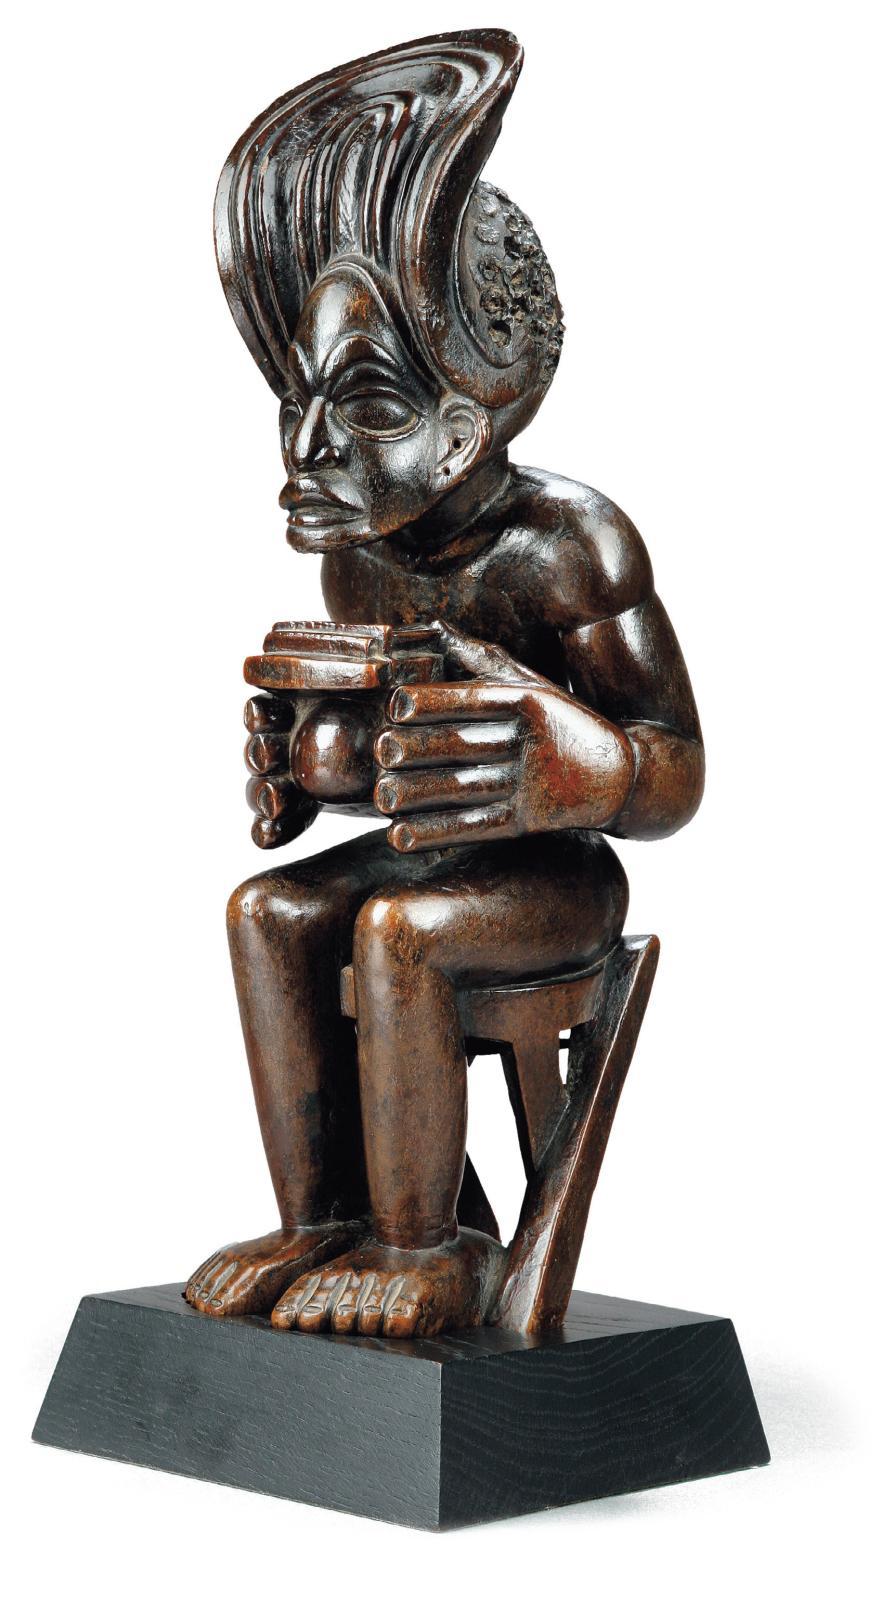 Angola, Tshokwe, XIXe siècle, roi jouant de la sanza, bois sculpté, h. 37 cm. Ancienne collection Anne et Jacques Kerchache (1942-2001). M